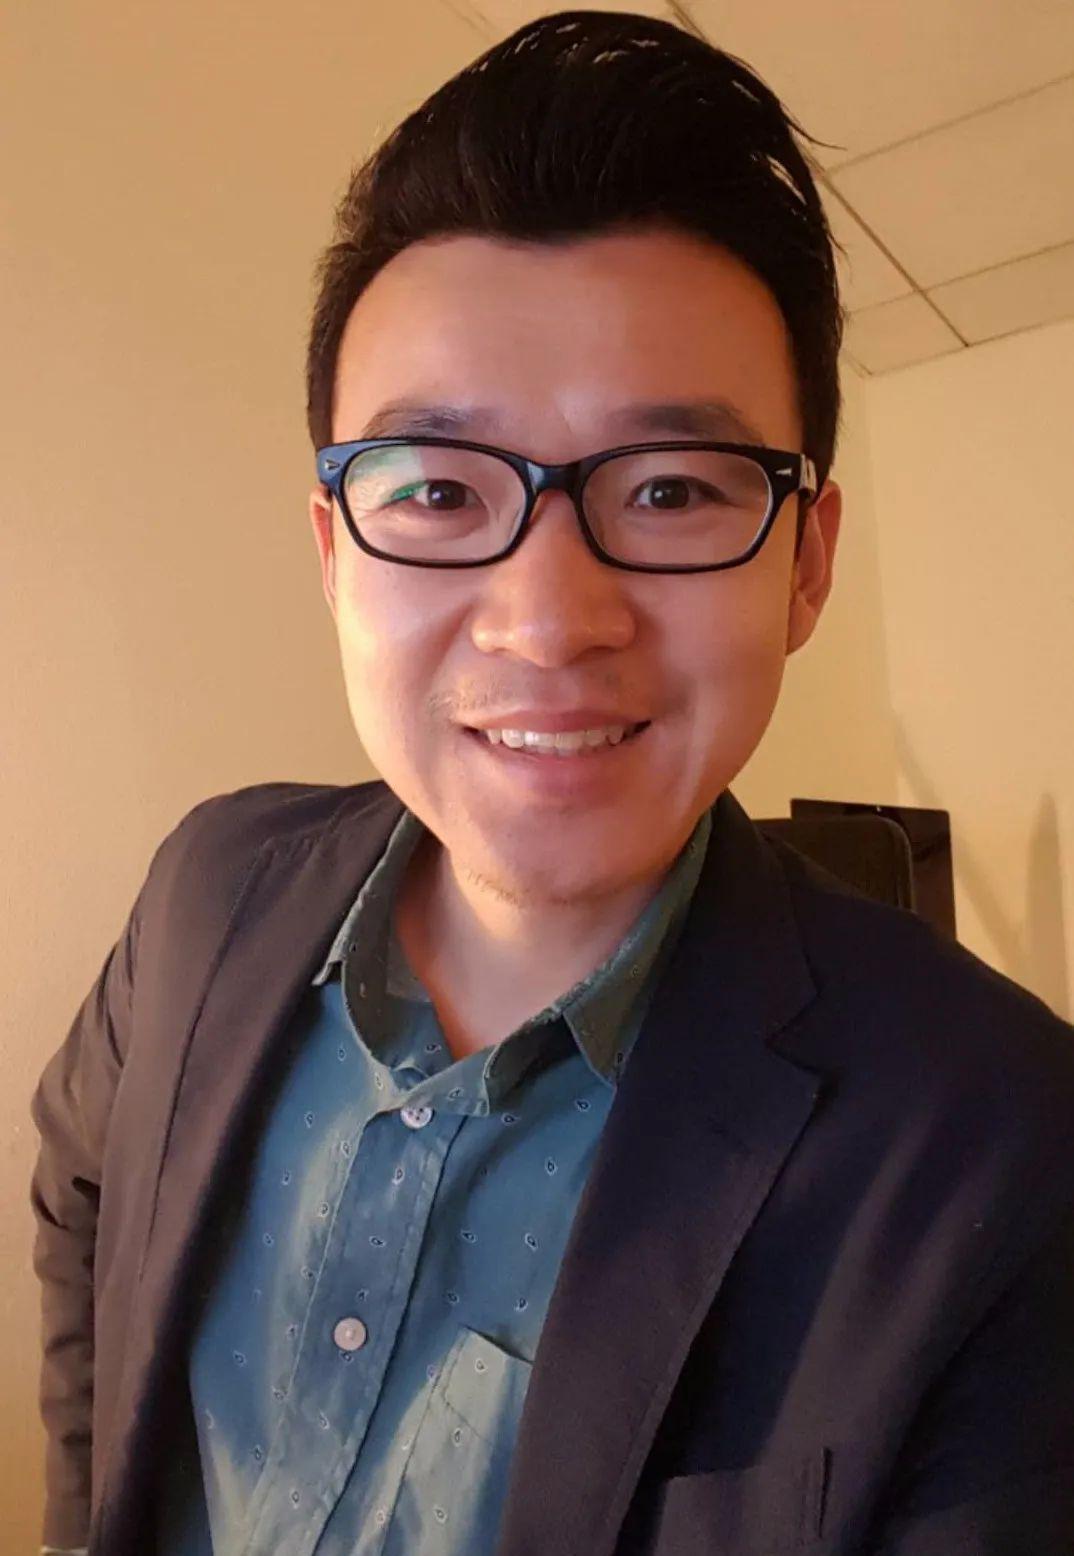 从国企到美国好莱坞——专访动画导演胡涛